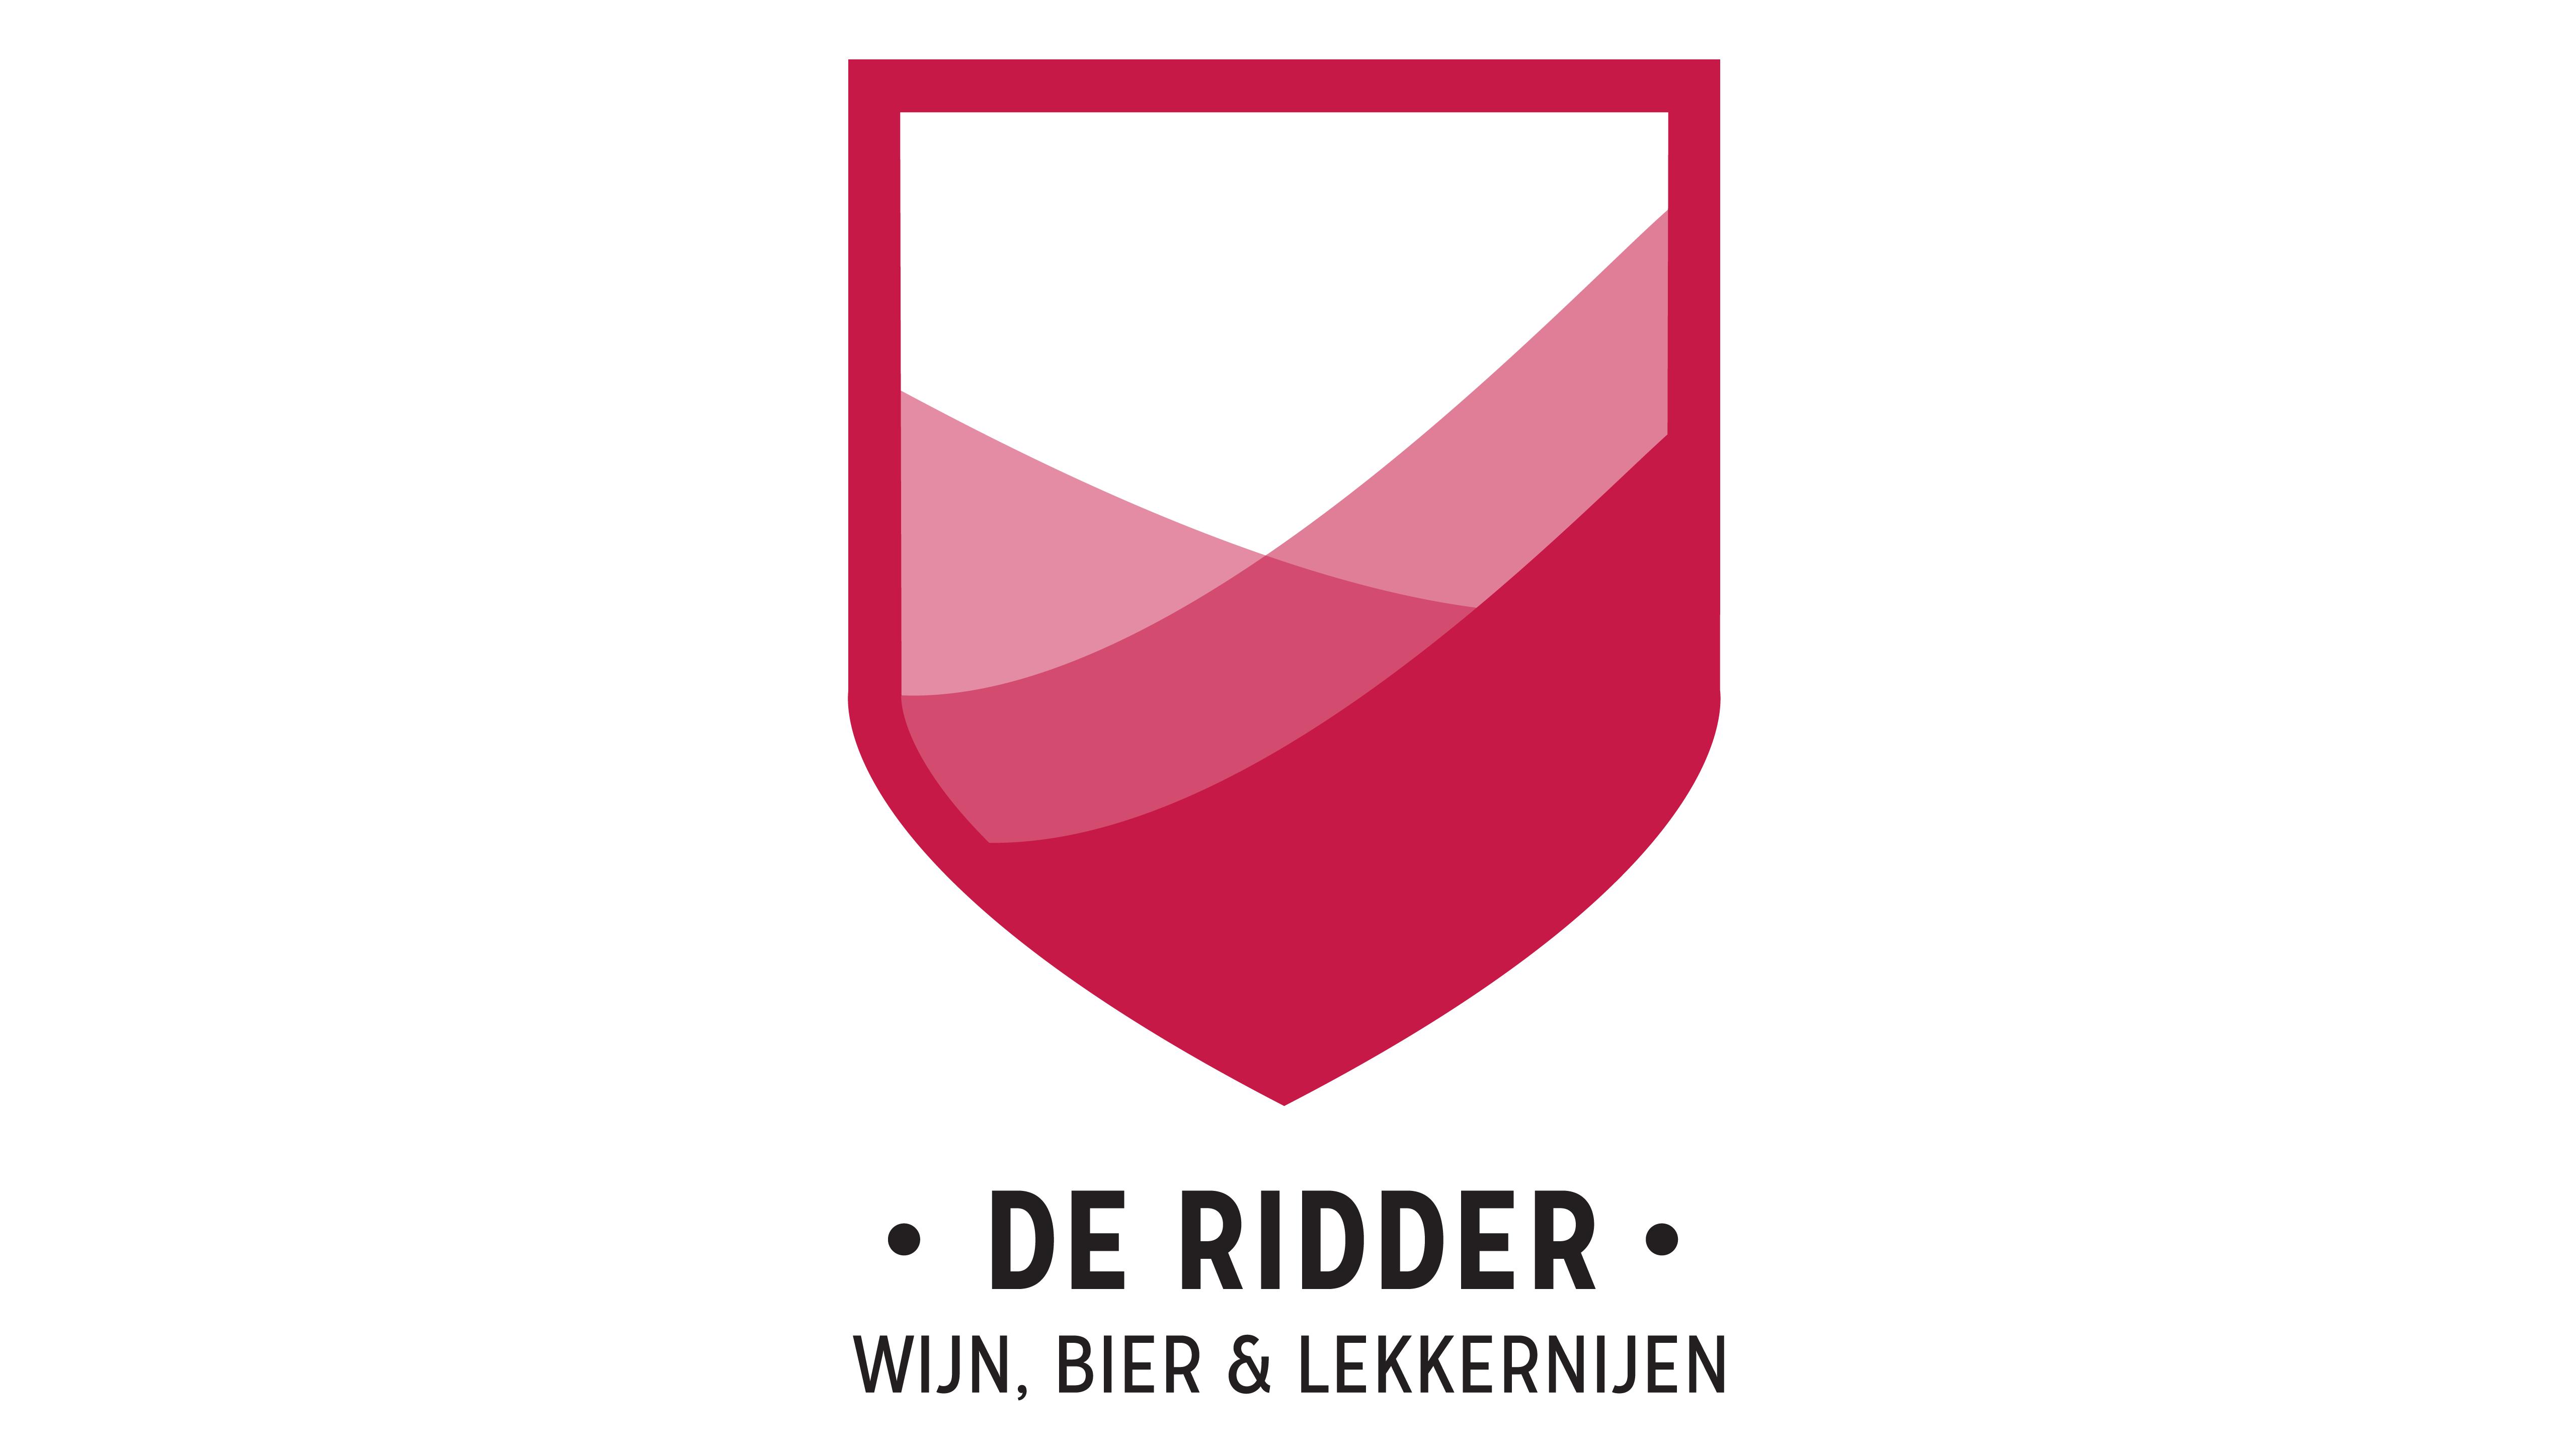 De Ridder, wijn, bier en lekkernijen, logo, Mixus studio